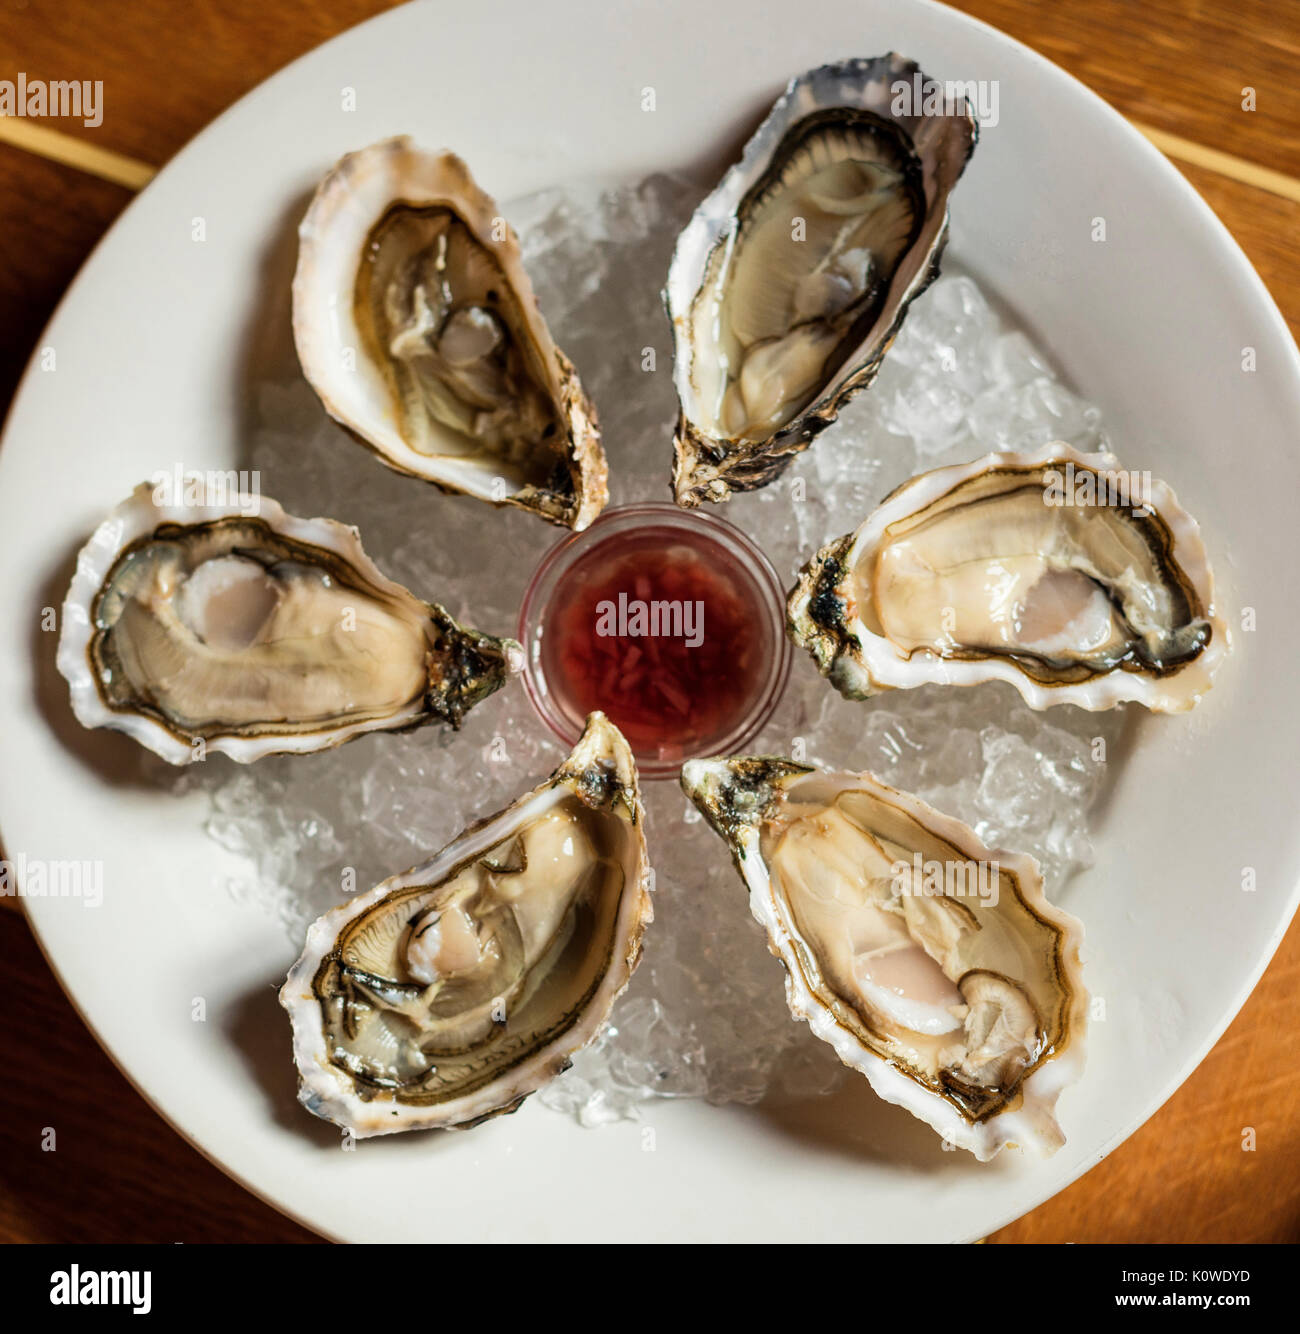 Les huîtres sur la plaque Banque D'Images